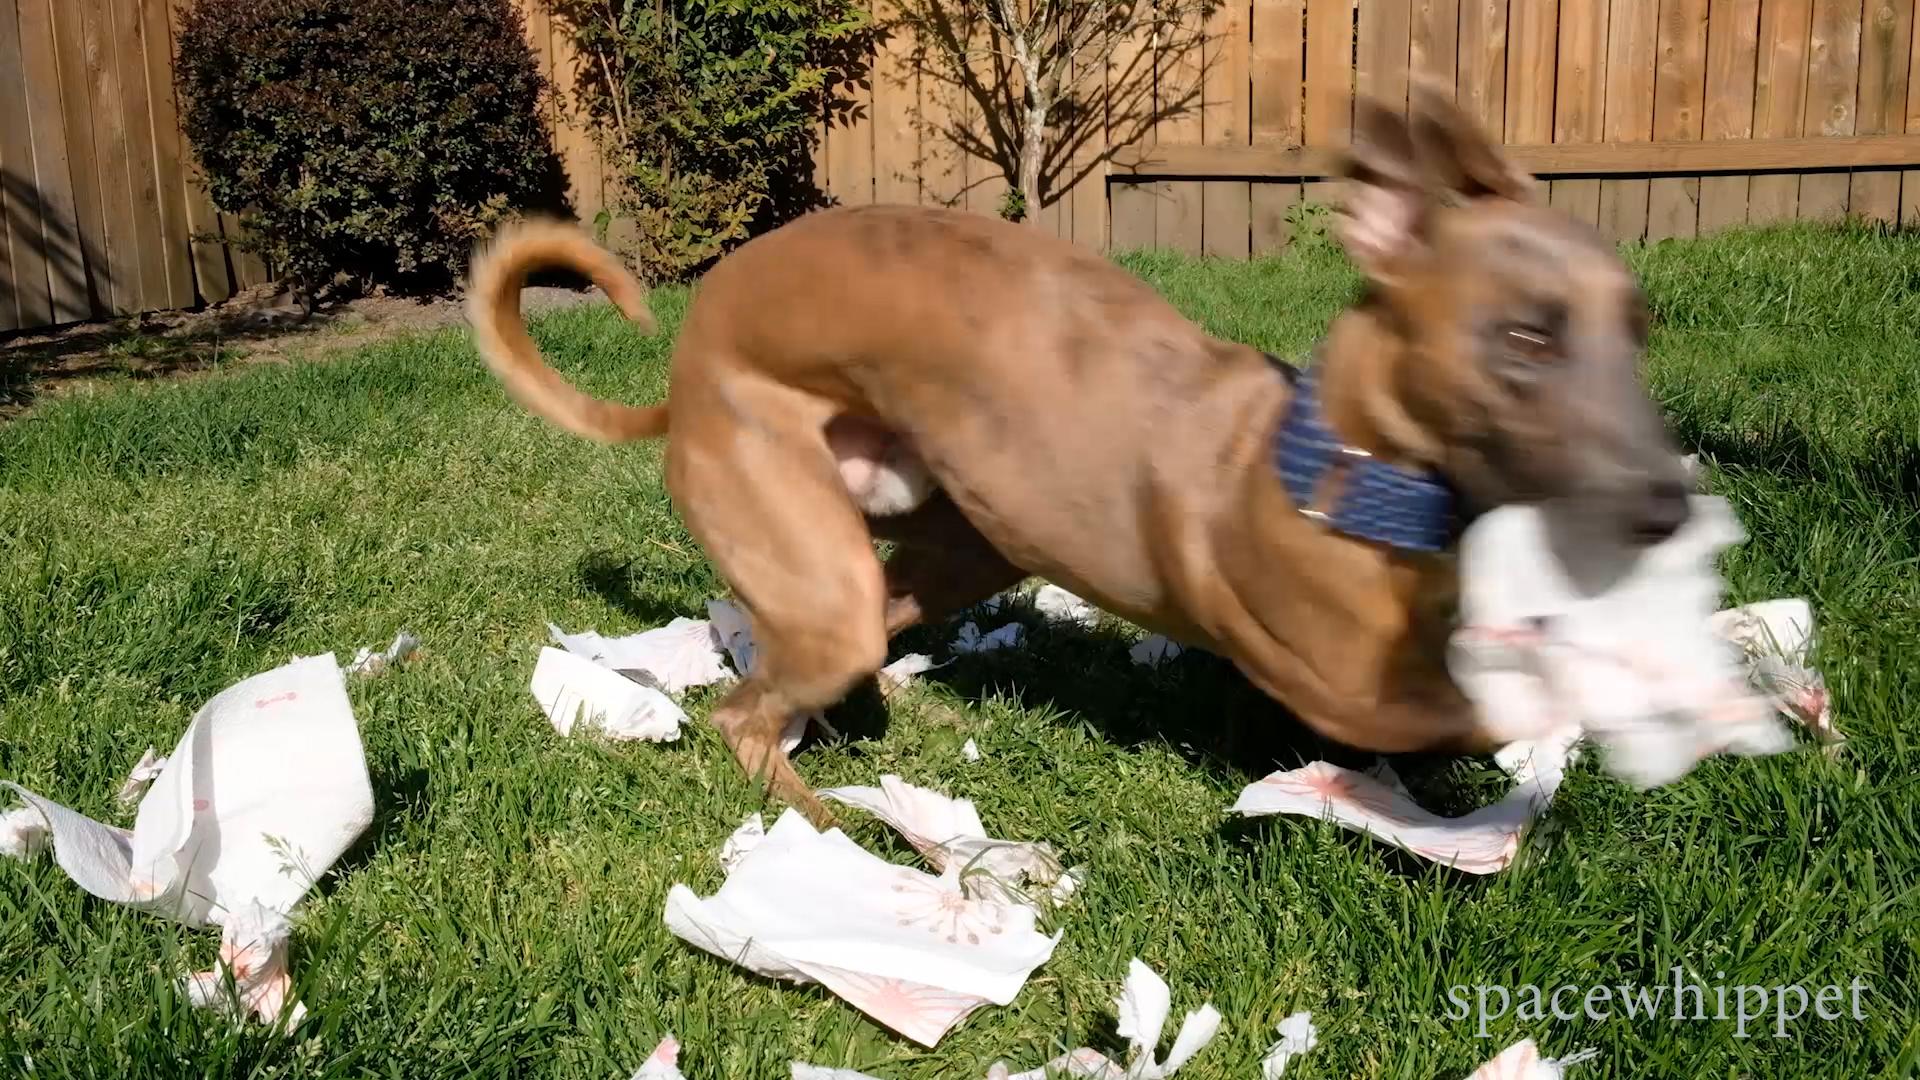 Kuiper zips around the yard while shredding napkins.